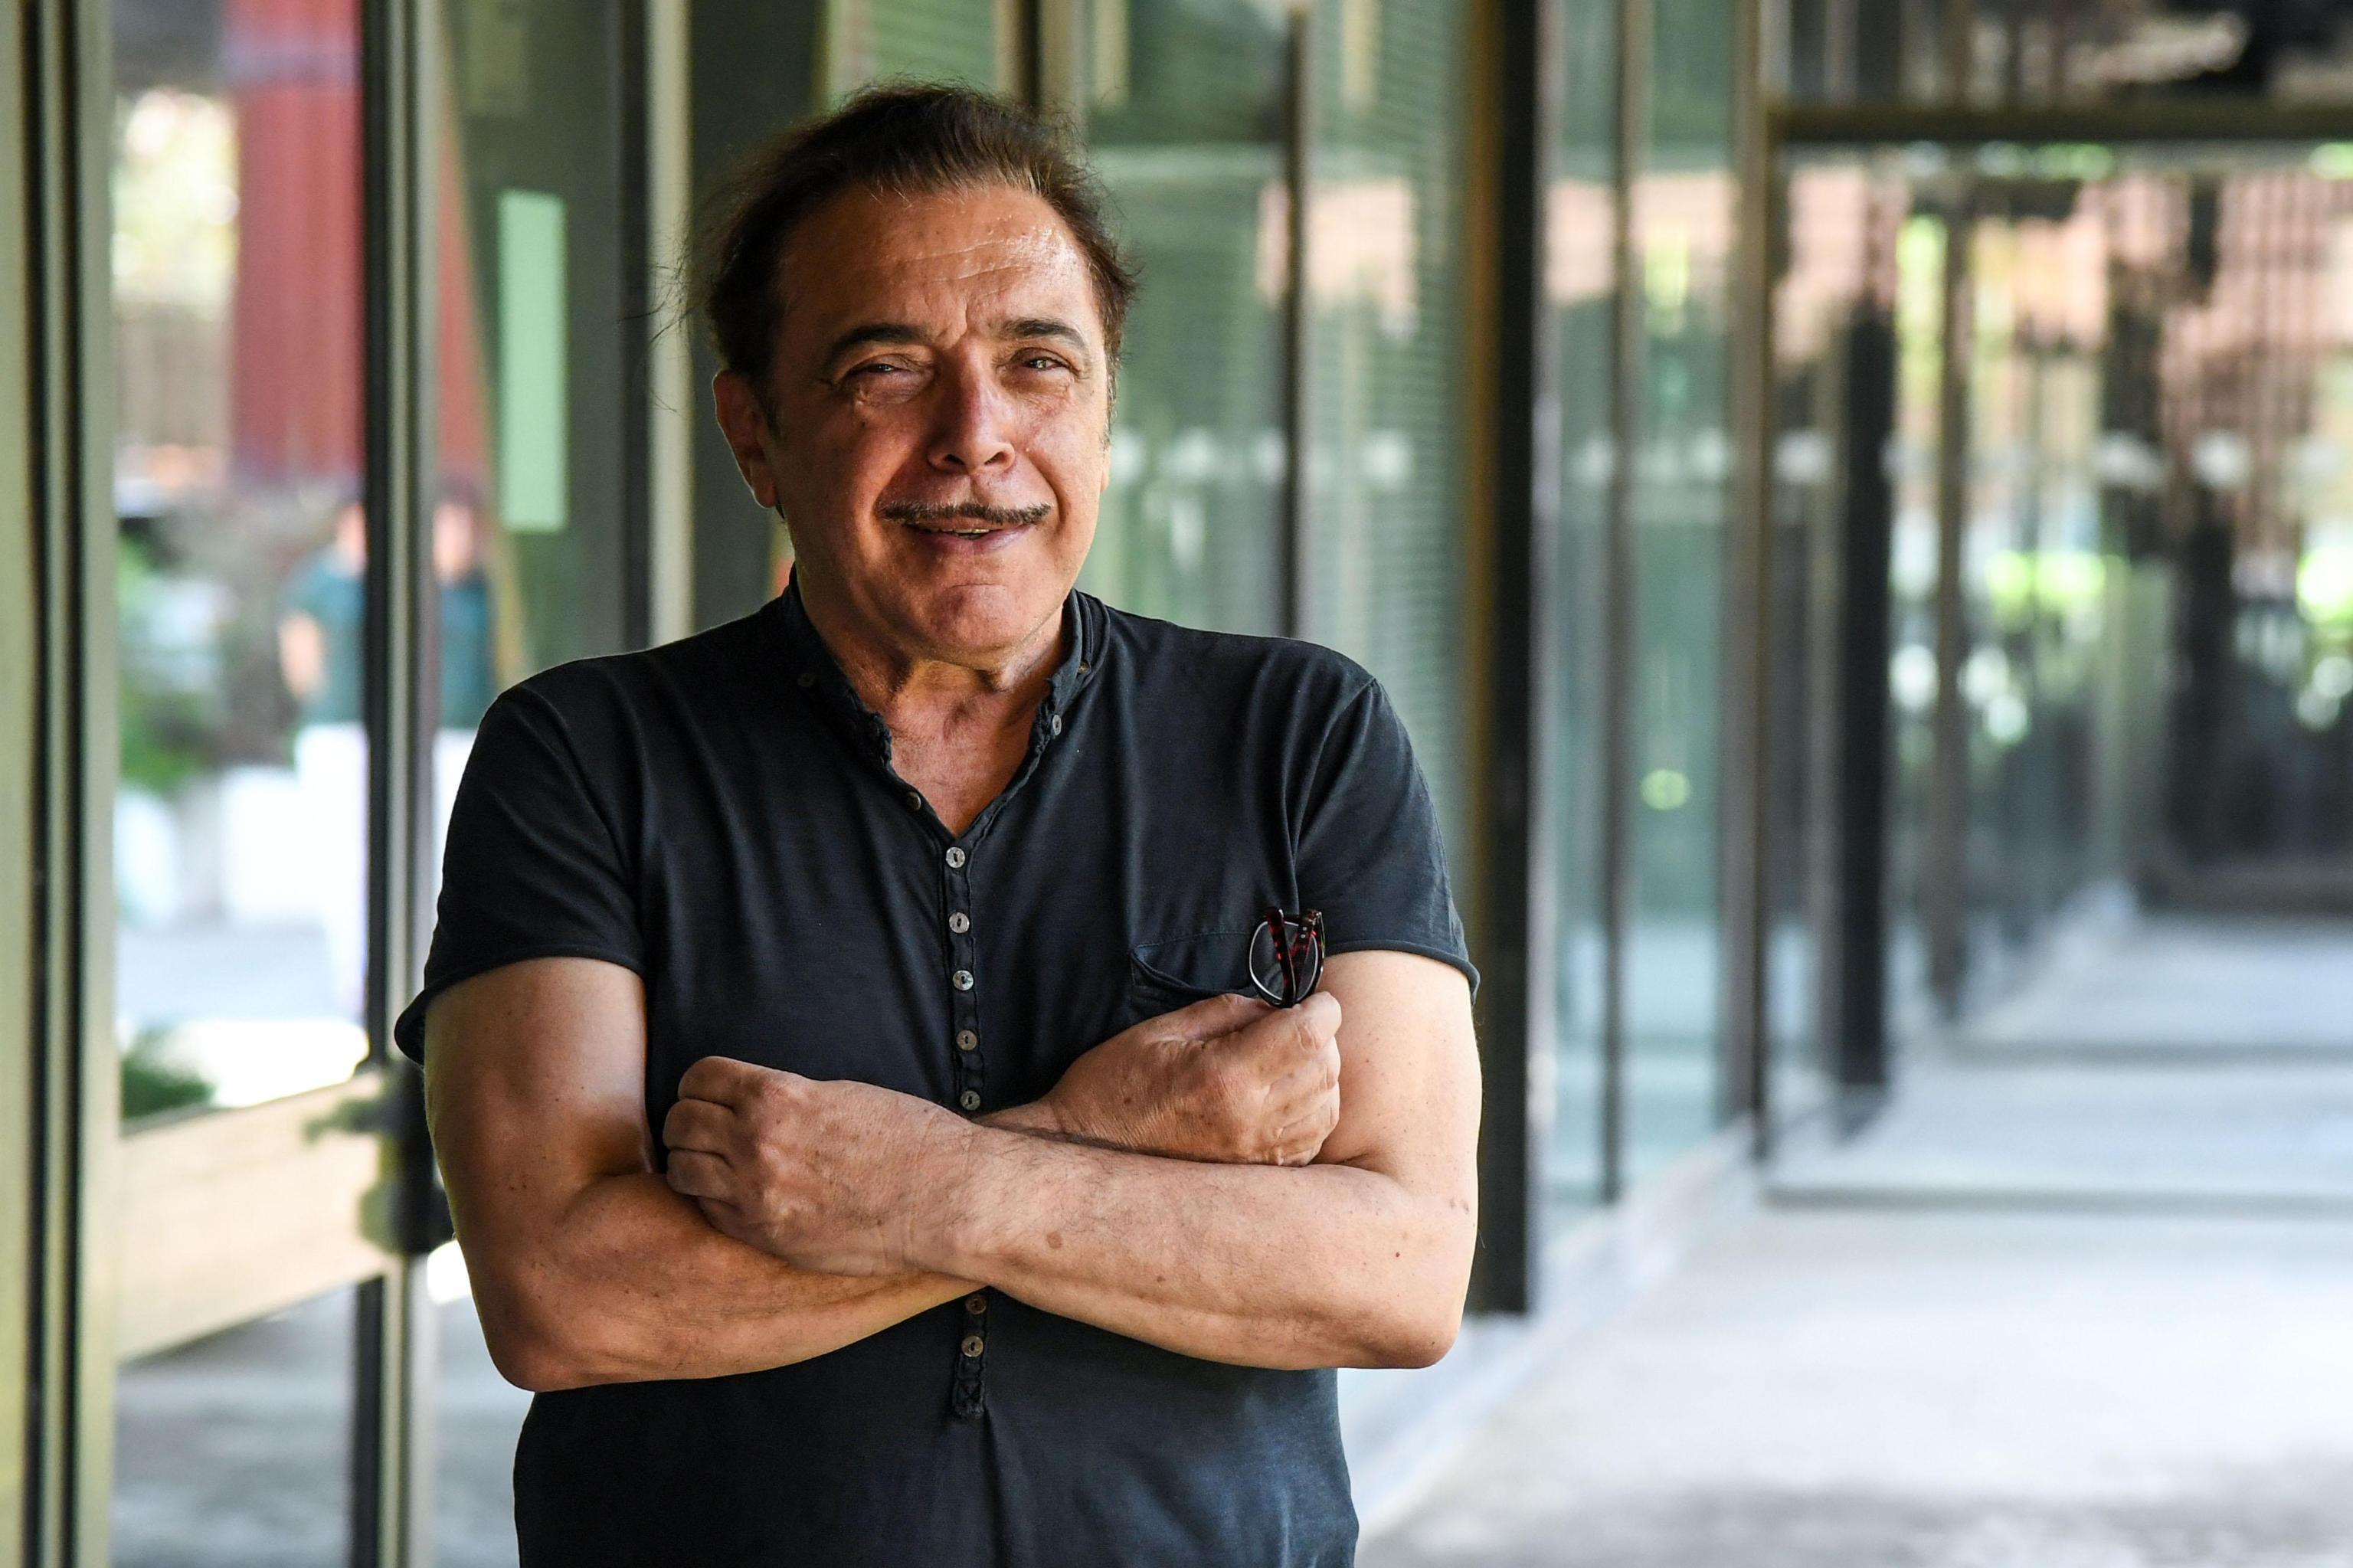 Nino Frassica in ospedale per un malore rassicura i fan su Fb: 'Sto bene, colpa di una bevanda ghiacciata'